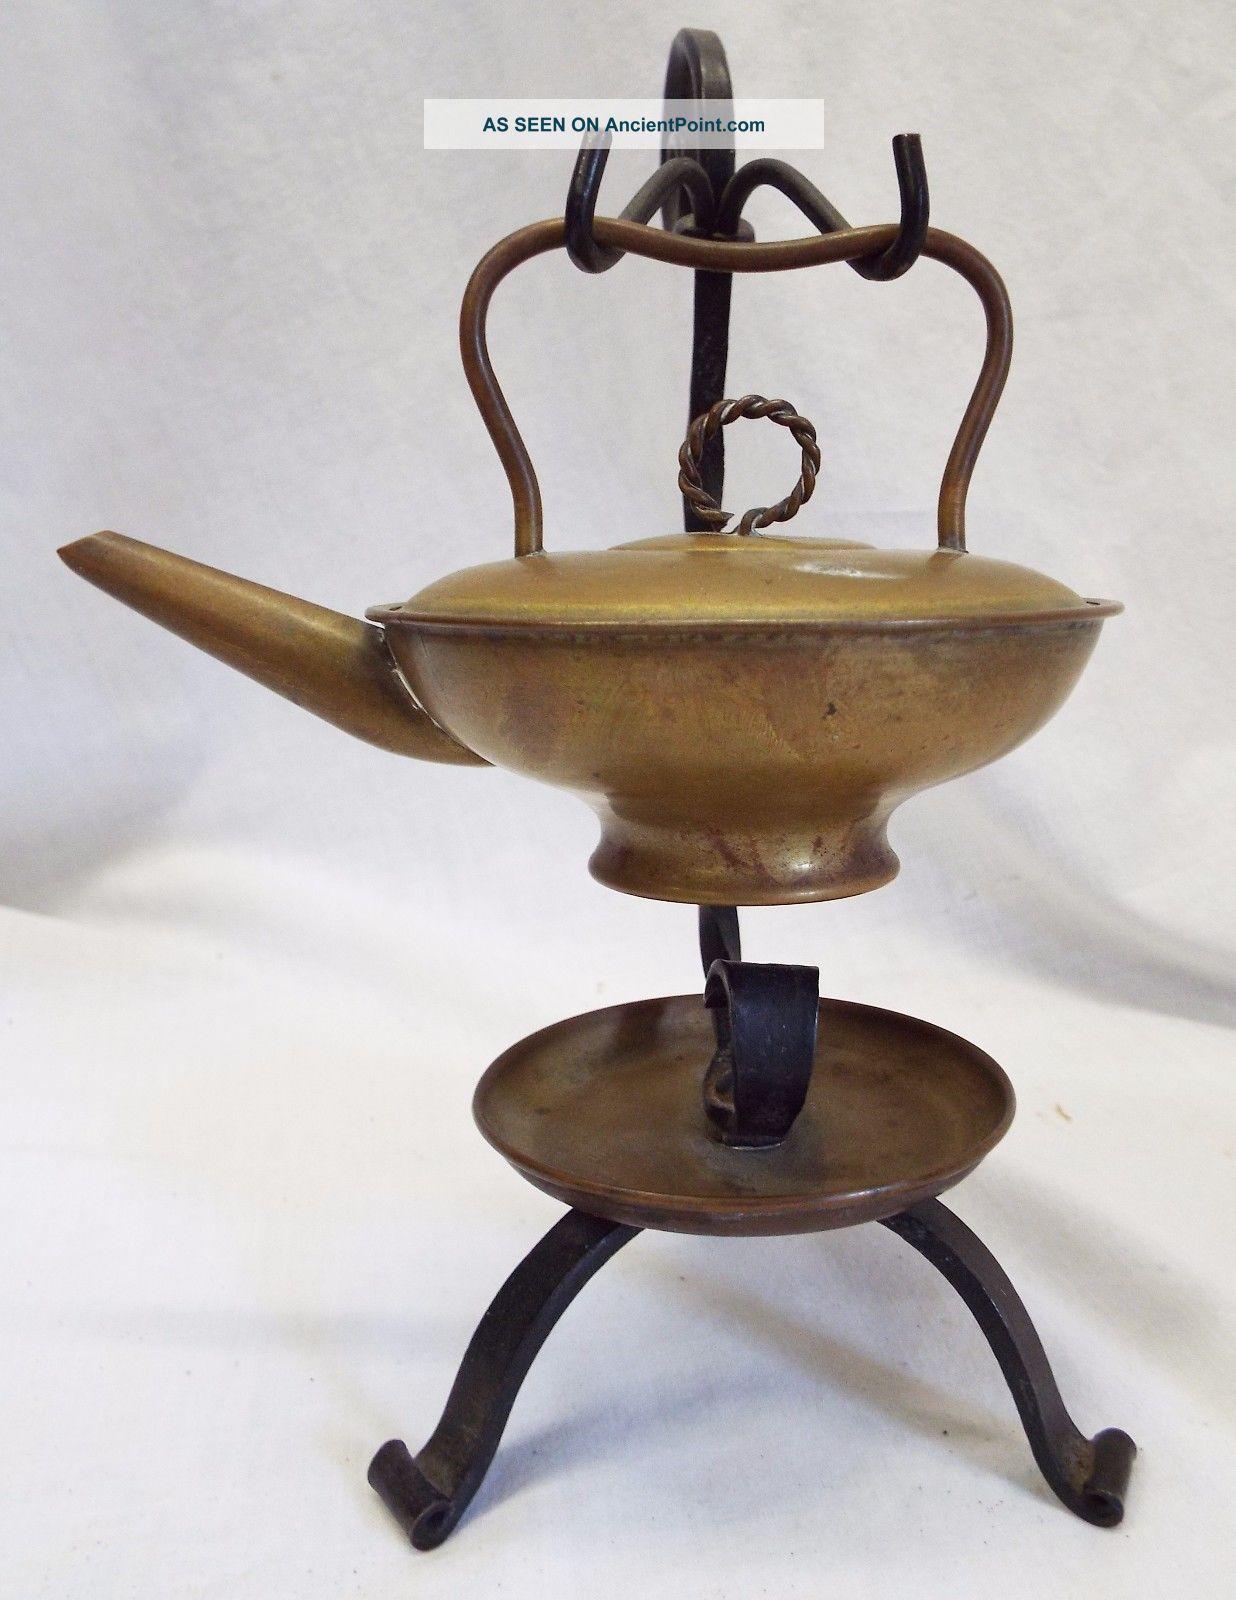 Unusual Antique Brass & Cast Iron Miniature Kettle Fire Starter Hearth Ware Hearth Ware photo